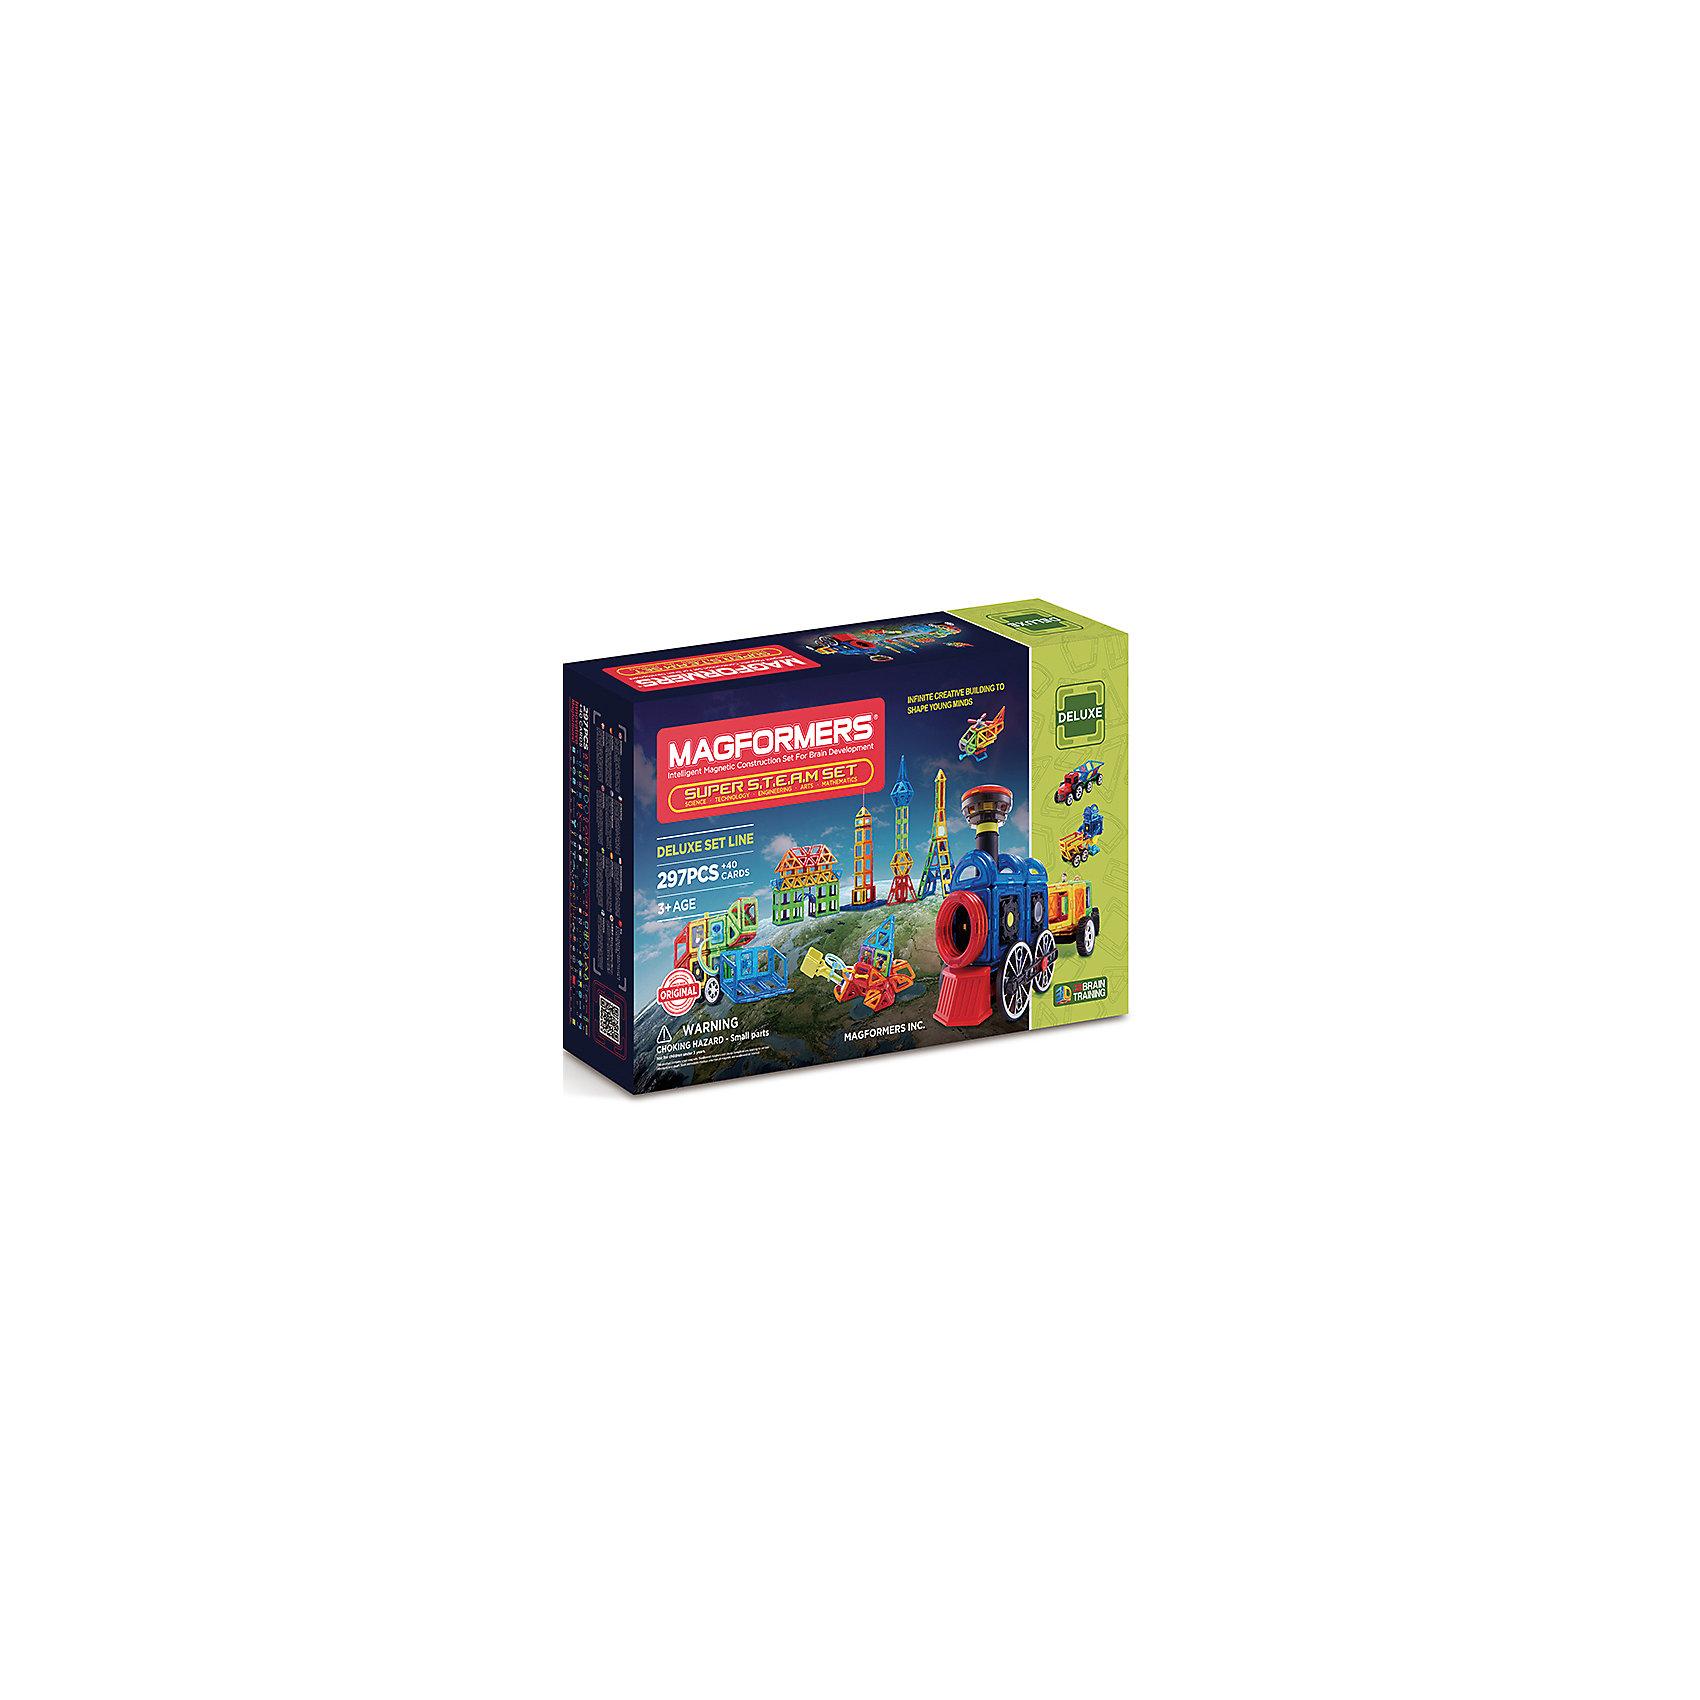 Магнитный конструктор 710009 Super Steam set, MAGFORMERSМагнитные конструкторы<br>Характеристики товара:<br><br>• возраст: от 3 лет;<br>• материал: пластик;<br>• в комплекте: 337 деталей, поршневые гидравлические элементы для крана, инструкция;<br>• размер упаковки: 83х51х17 см;<br>• вес упаковки: 9,18 кг;<br>• страна производитель: Корея.<br><br>Магнитный конструктор Super Steam set Magformers позволит детям построить разнообразные фигурки, машины, башни, дома, животных. Конструктор Magformers — удивительный конструктор, детали которого соединяются между собой благодаря магнитам. Магниты внутри элементов уже сделаны таким образом, что позволяют им присоединяться и поворачиваться друг к другу нужной стороной.<br><br>В набор входит инструкция, которая поможет малышам создать свои первые фигурки. Конструктор развивает у детей пространственное и логическое мышление, мелкую моторику рук, воображение и фантазию. Элементы выполнены из прочного качественного пластика.<br><br>Магнитный конструктор Super Steam set Magformers можно приобрести в нашем интернет-магазине.<br><br>Ширина мм: 510<br>Глубина мм: 830<br>Высота мм: 170<br>Вес г: 9180<br>Возраст от месяцев: 36<br>Возраст до месяцев: 2147483647<br>Пол: Унисекс<br>Возраст: Детский<br>SKU: 6881962